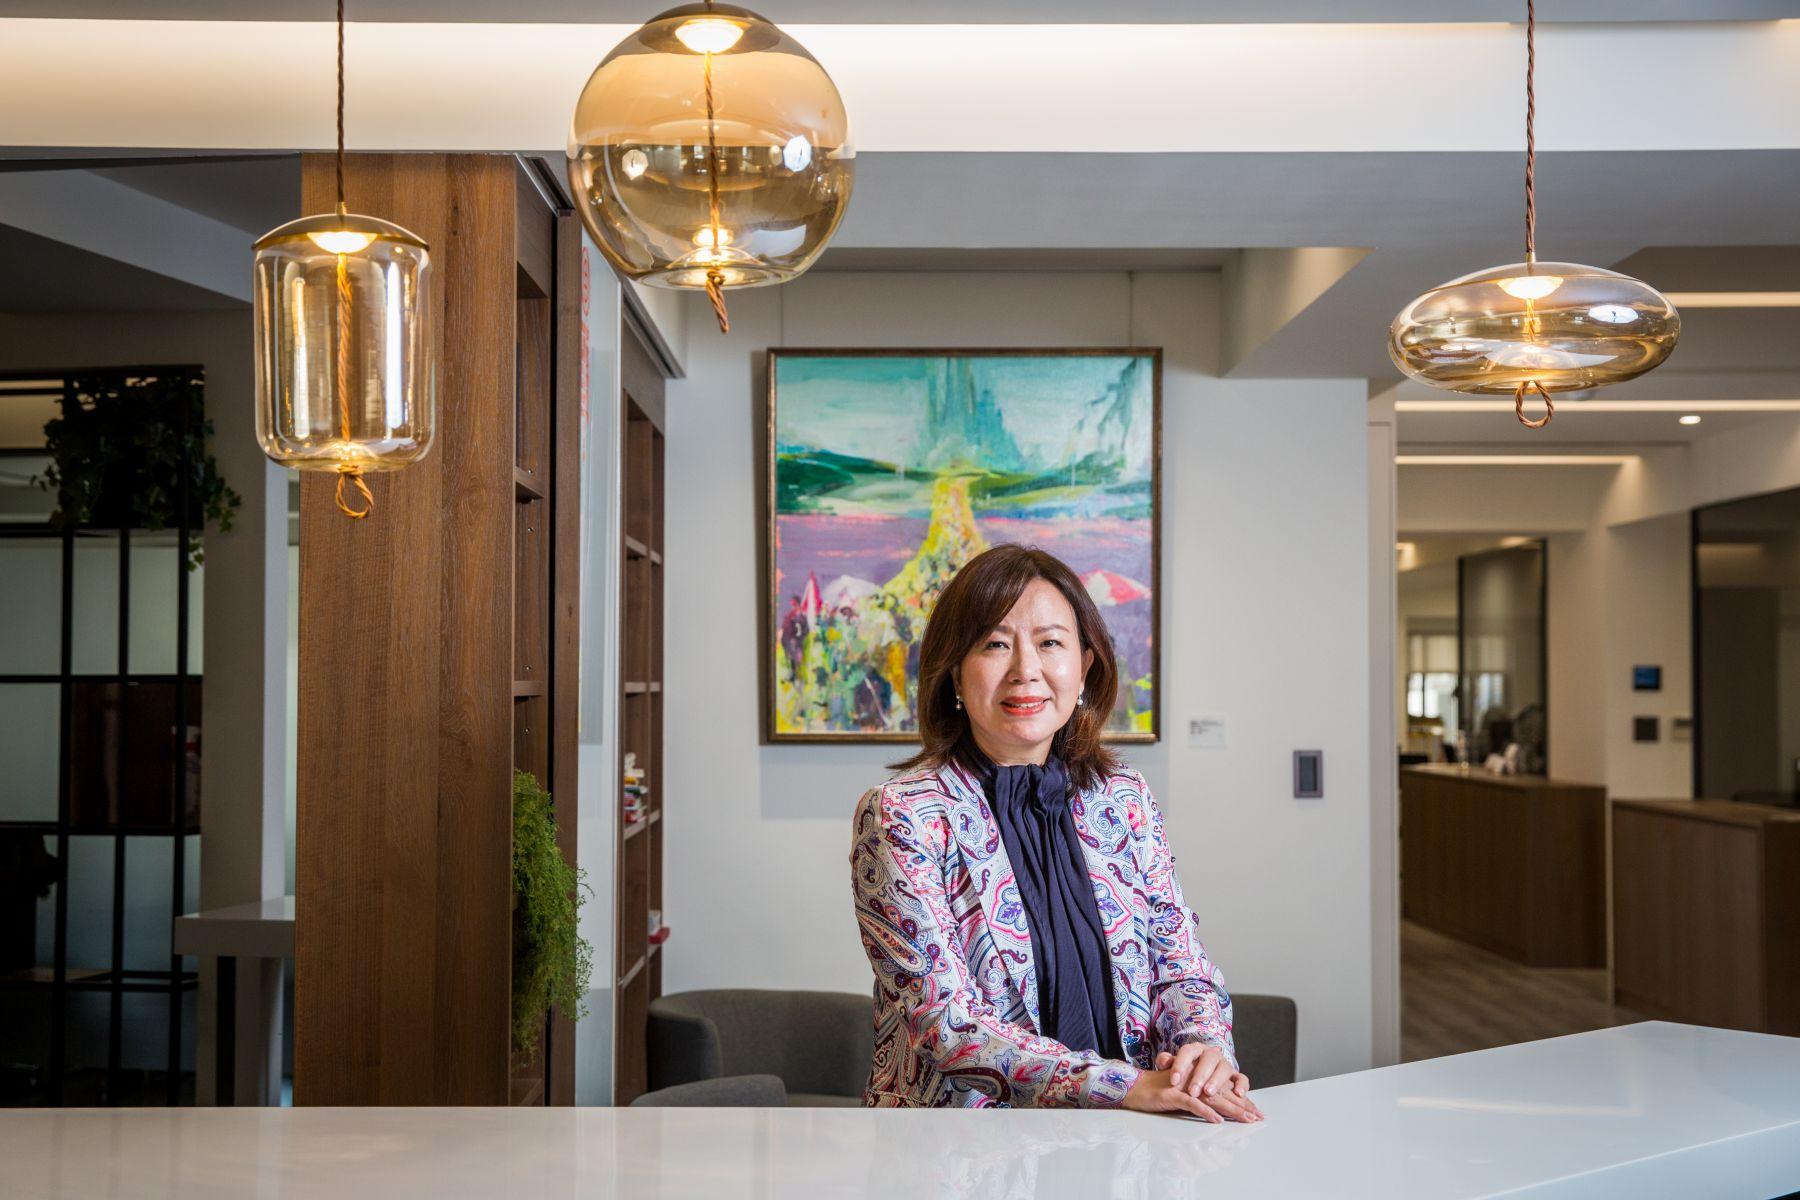 從公部門小科員到年營收破億的女總經理 許婉琪:「職場上只有努力,沒有性別的問題」